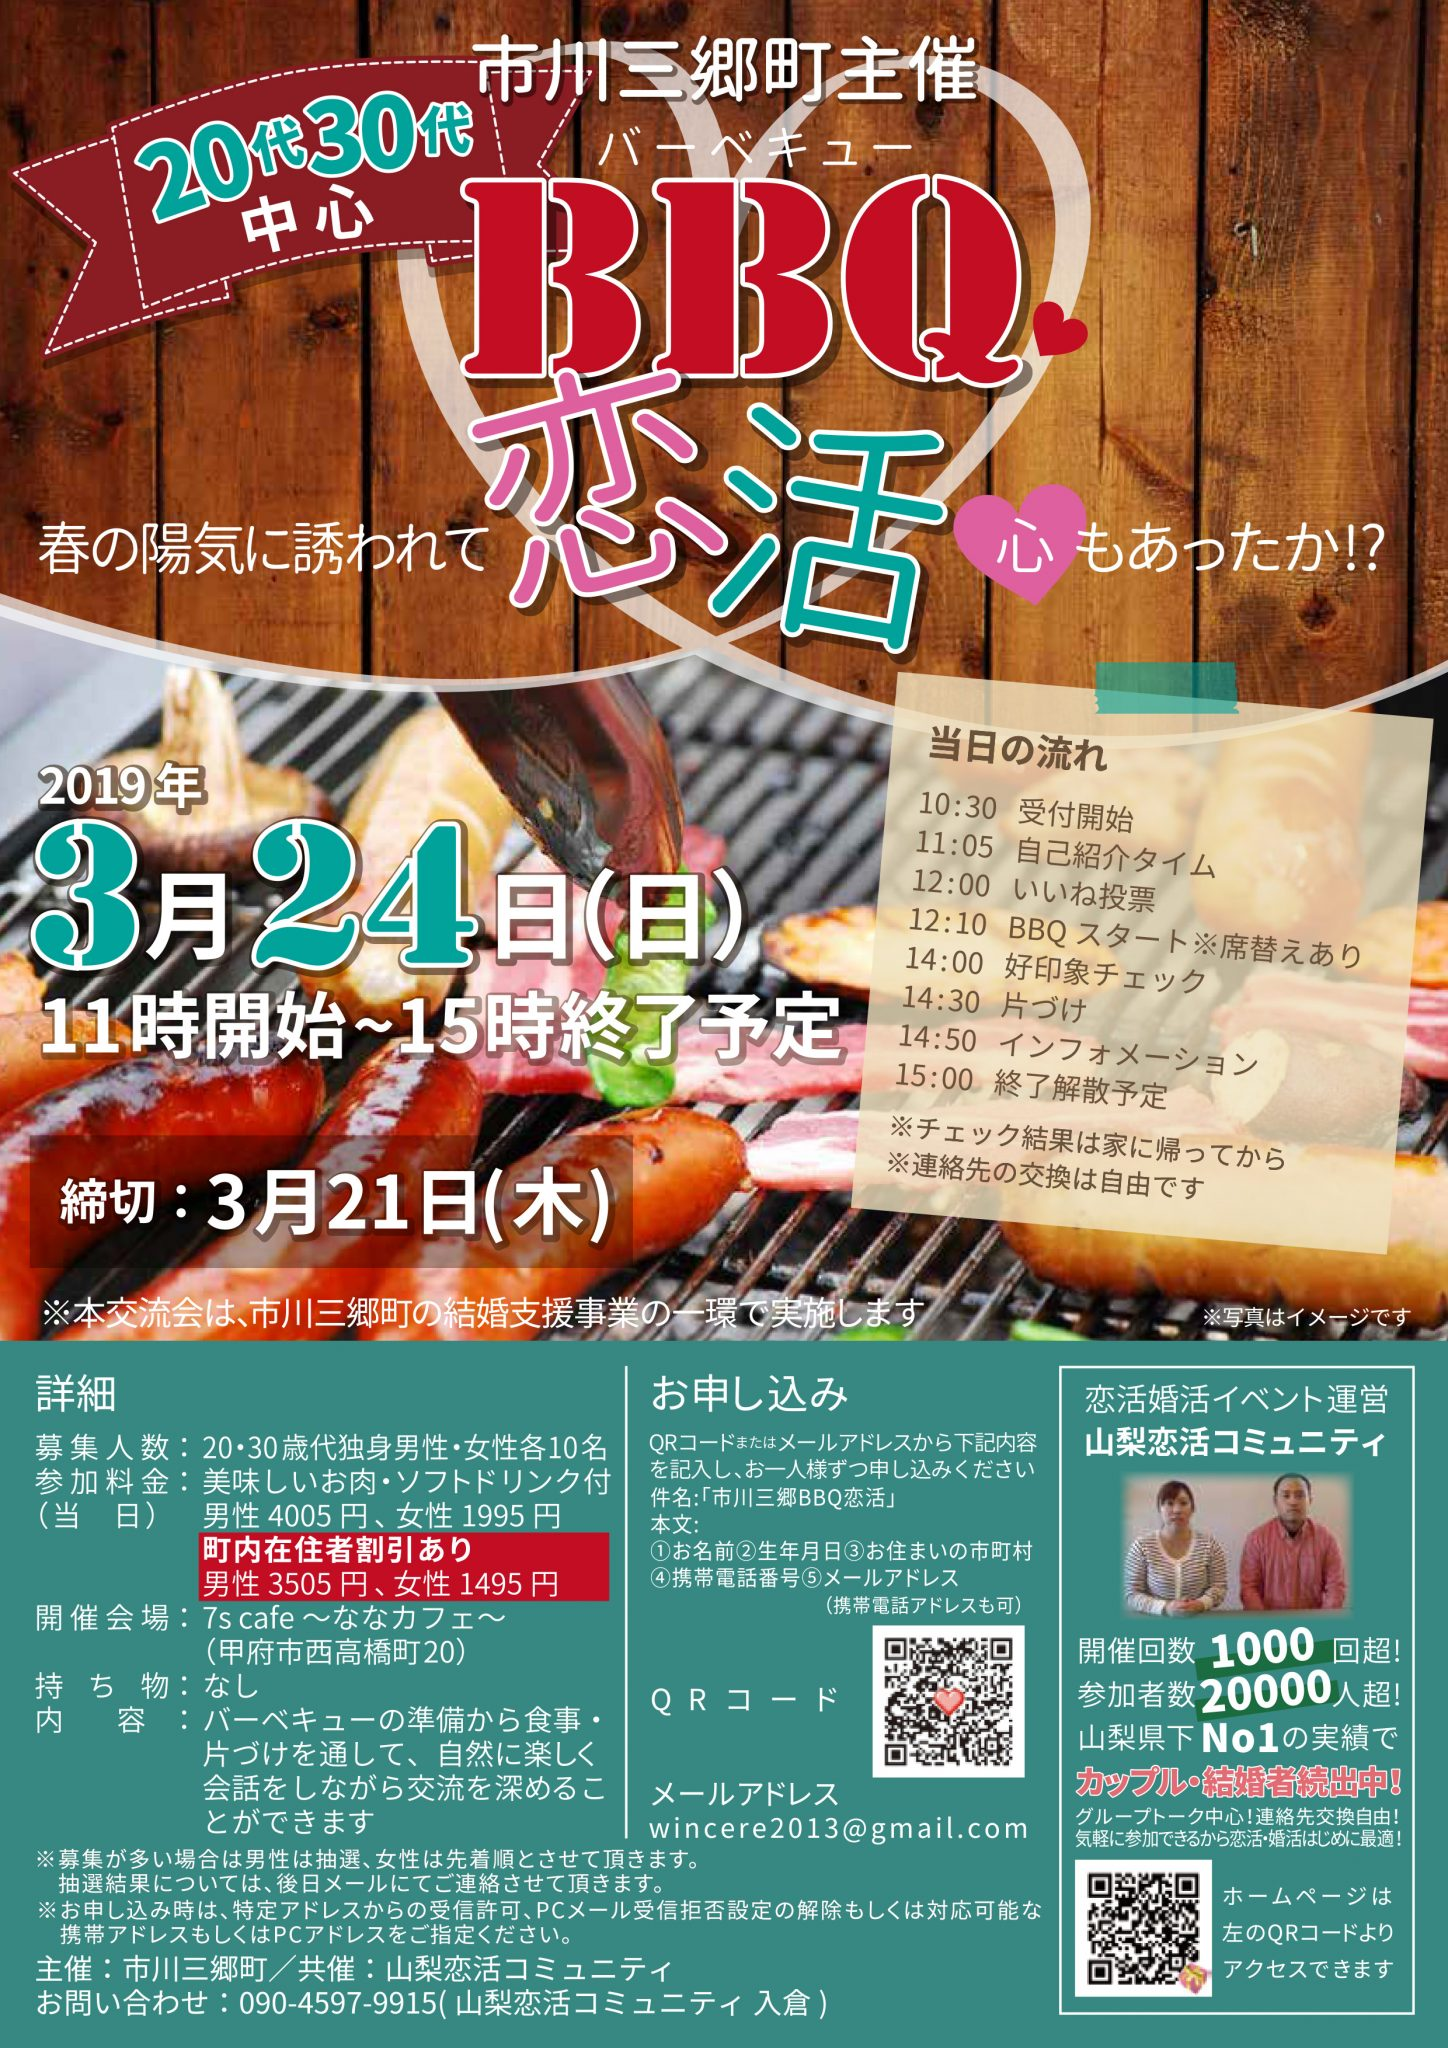 BBQ恋活 甲府市 イベント 祭り 催し 1